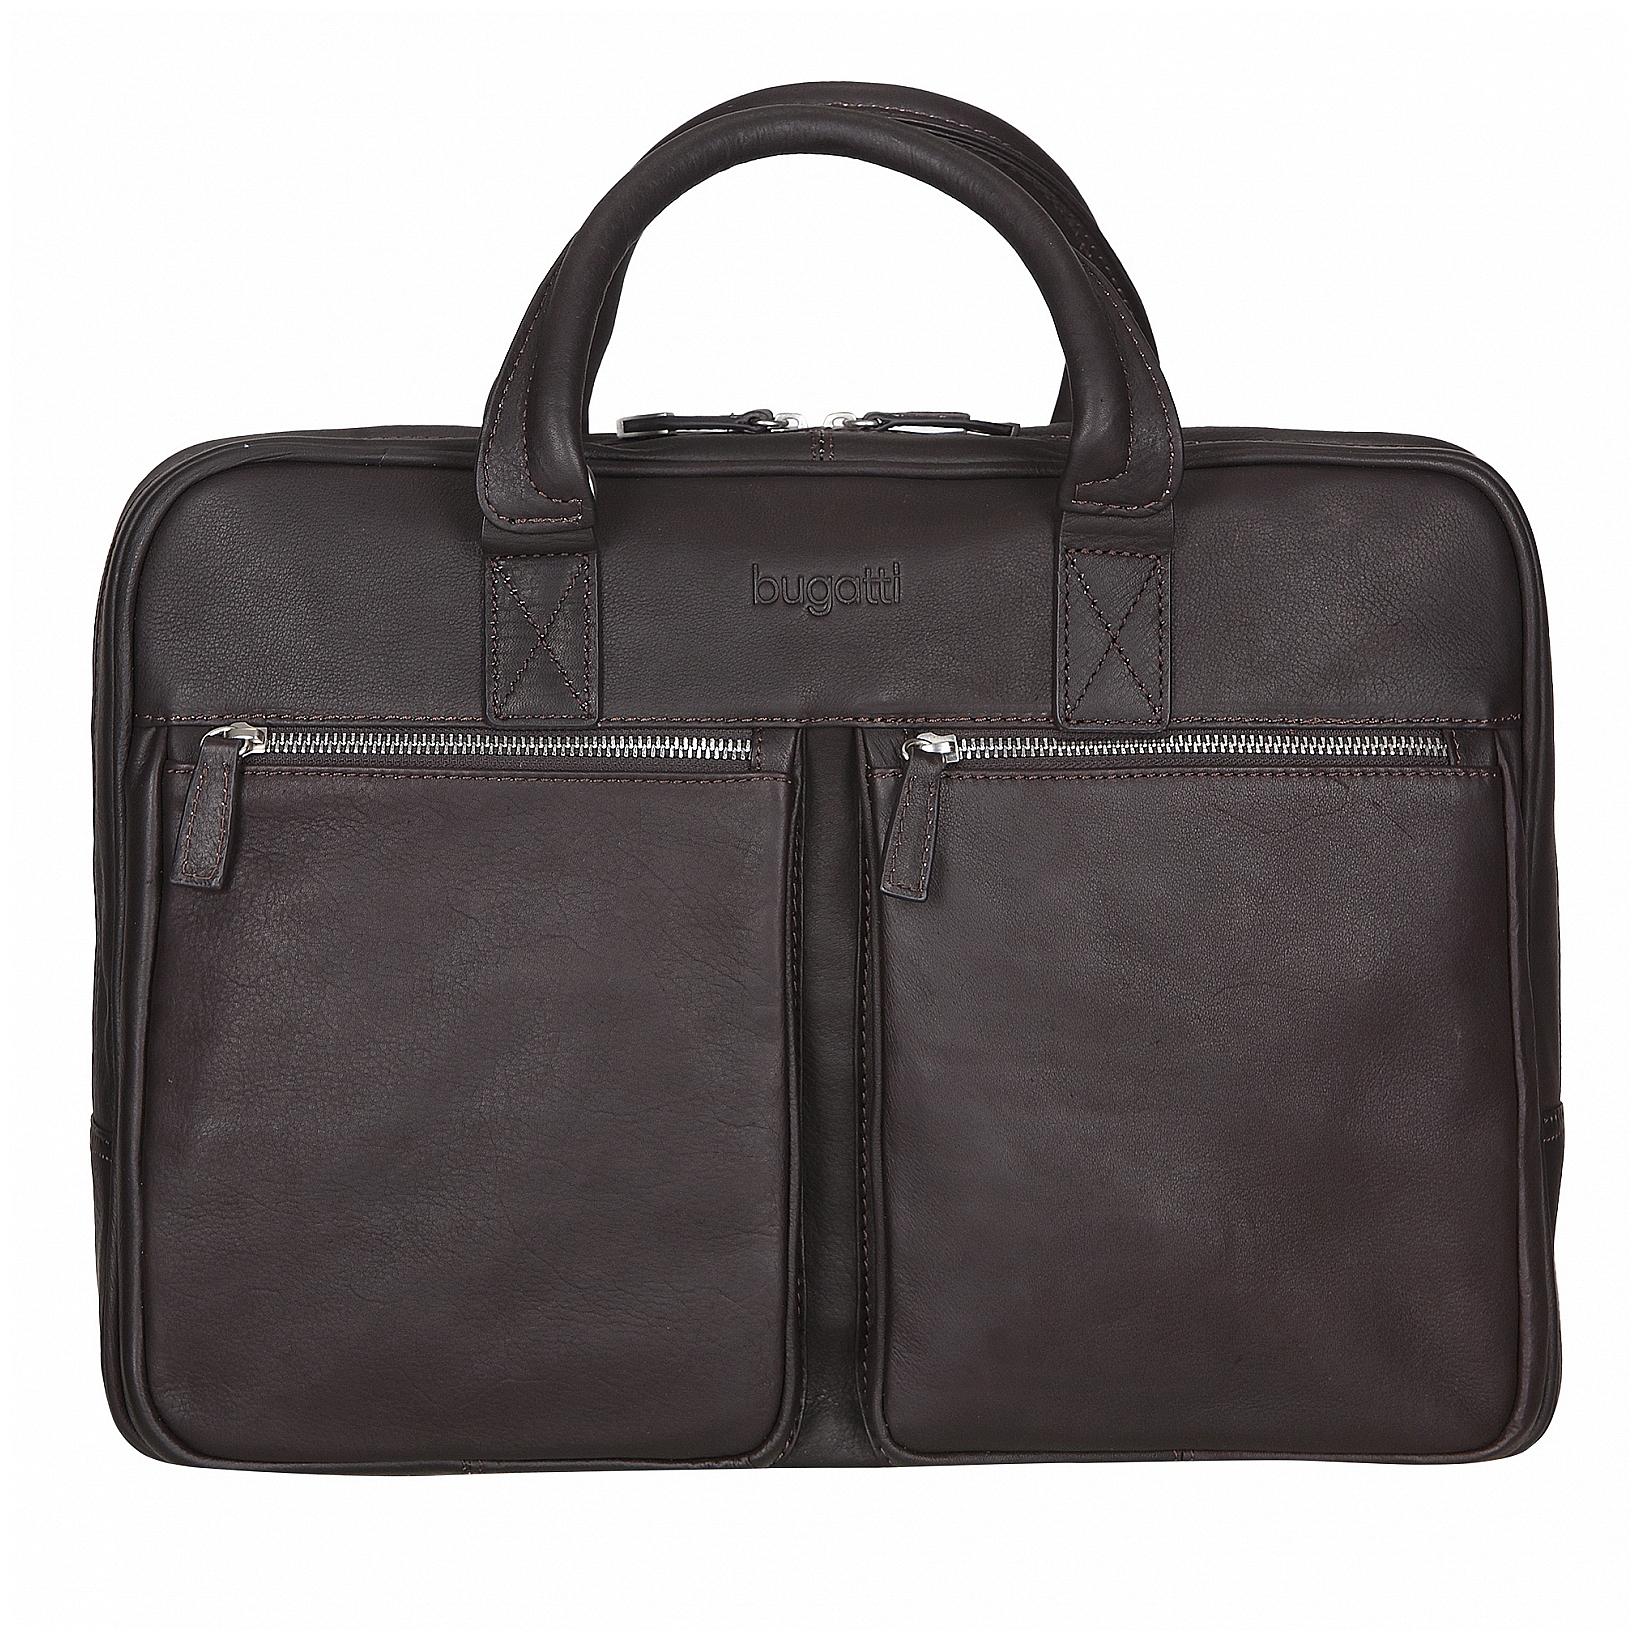 Bugatti Kožená business taška na notebook a tablet Sartoria 49546002 hnědá